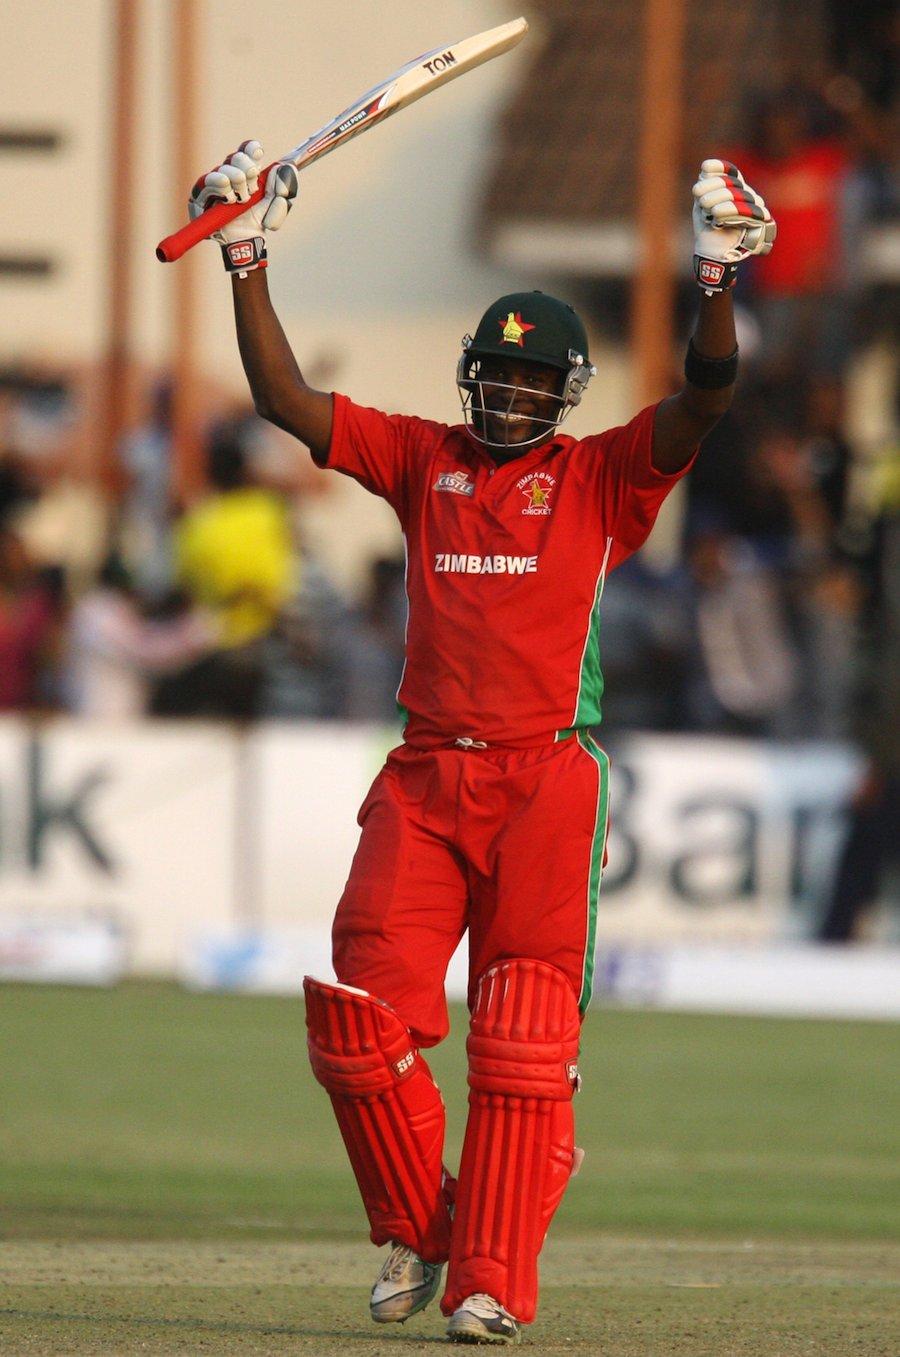 کپتان چگمبورا نے 68 گیندوں پر 52 ناقابل شکست رنز بنائے اور میچ کے بہترین کھلاڑی قرار پائے (تصویر: AFP)